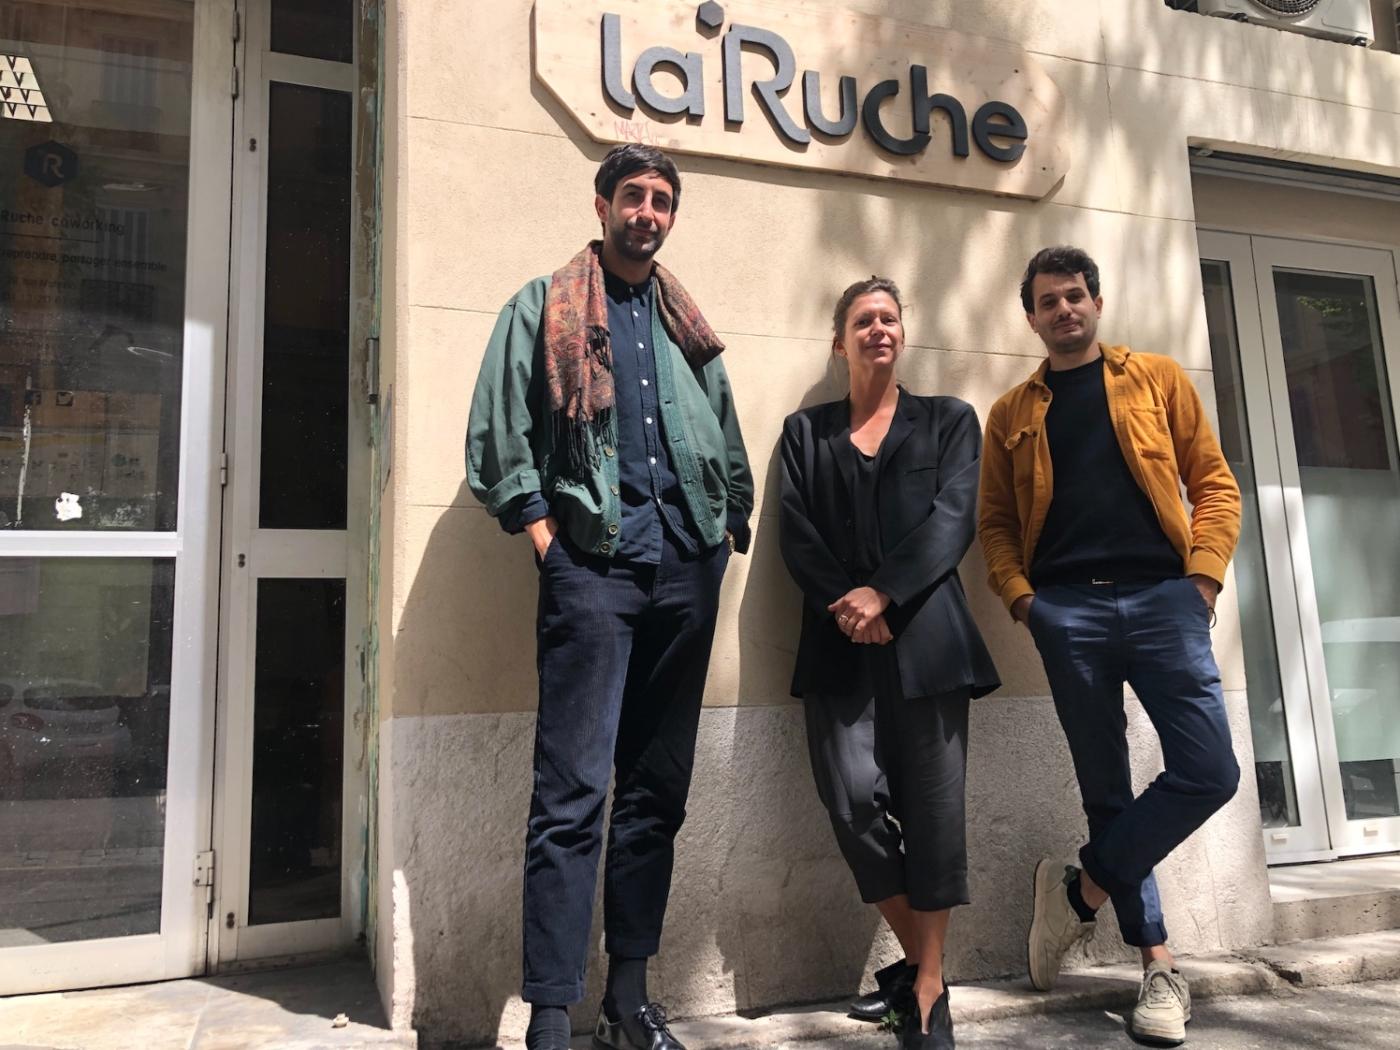 , Octave, l'agence immobilière engagée pour l'environnement, s'installe à La Ruche Marseille, Made in Marseille